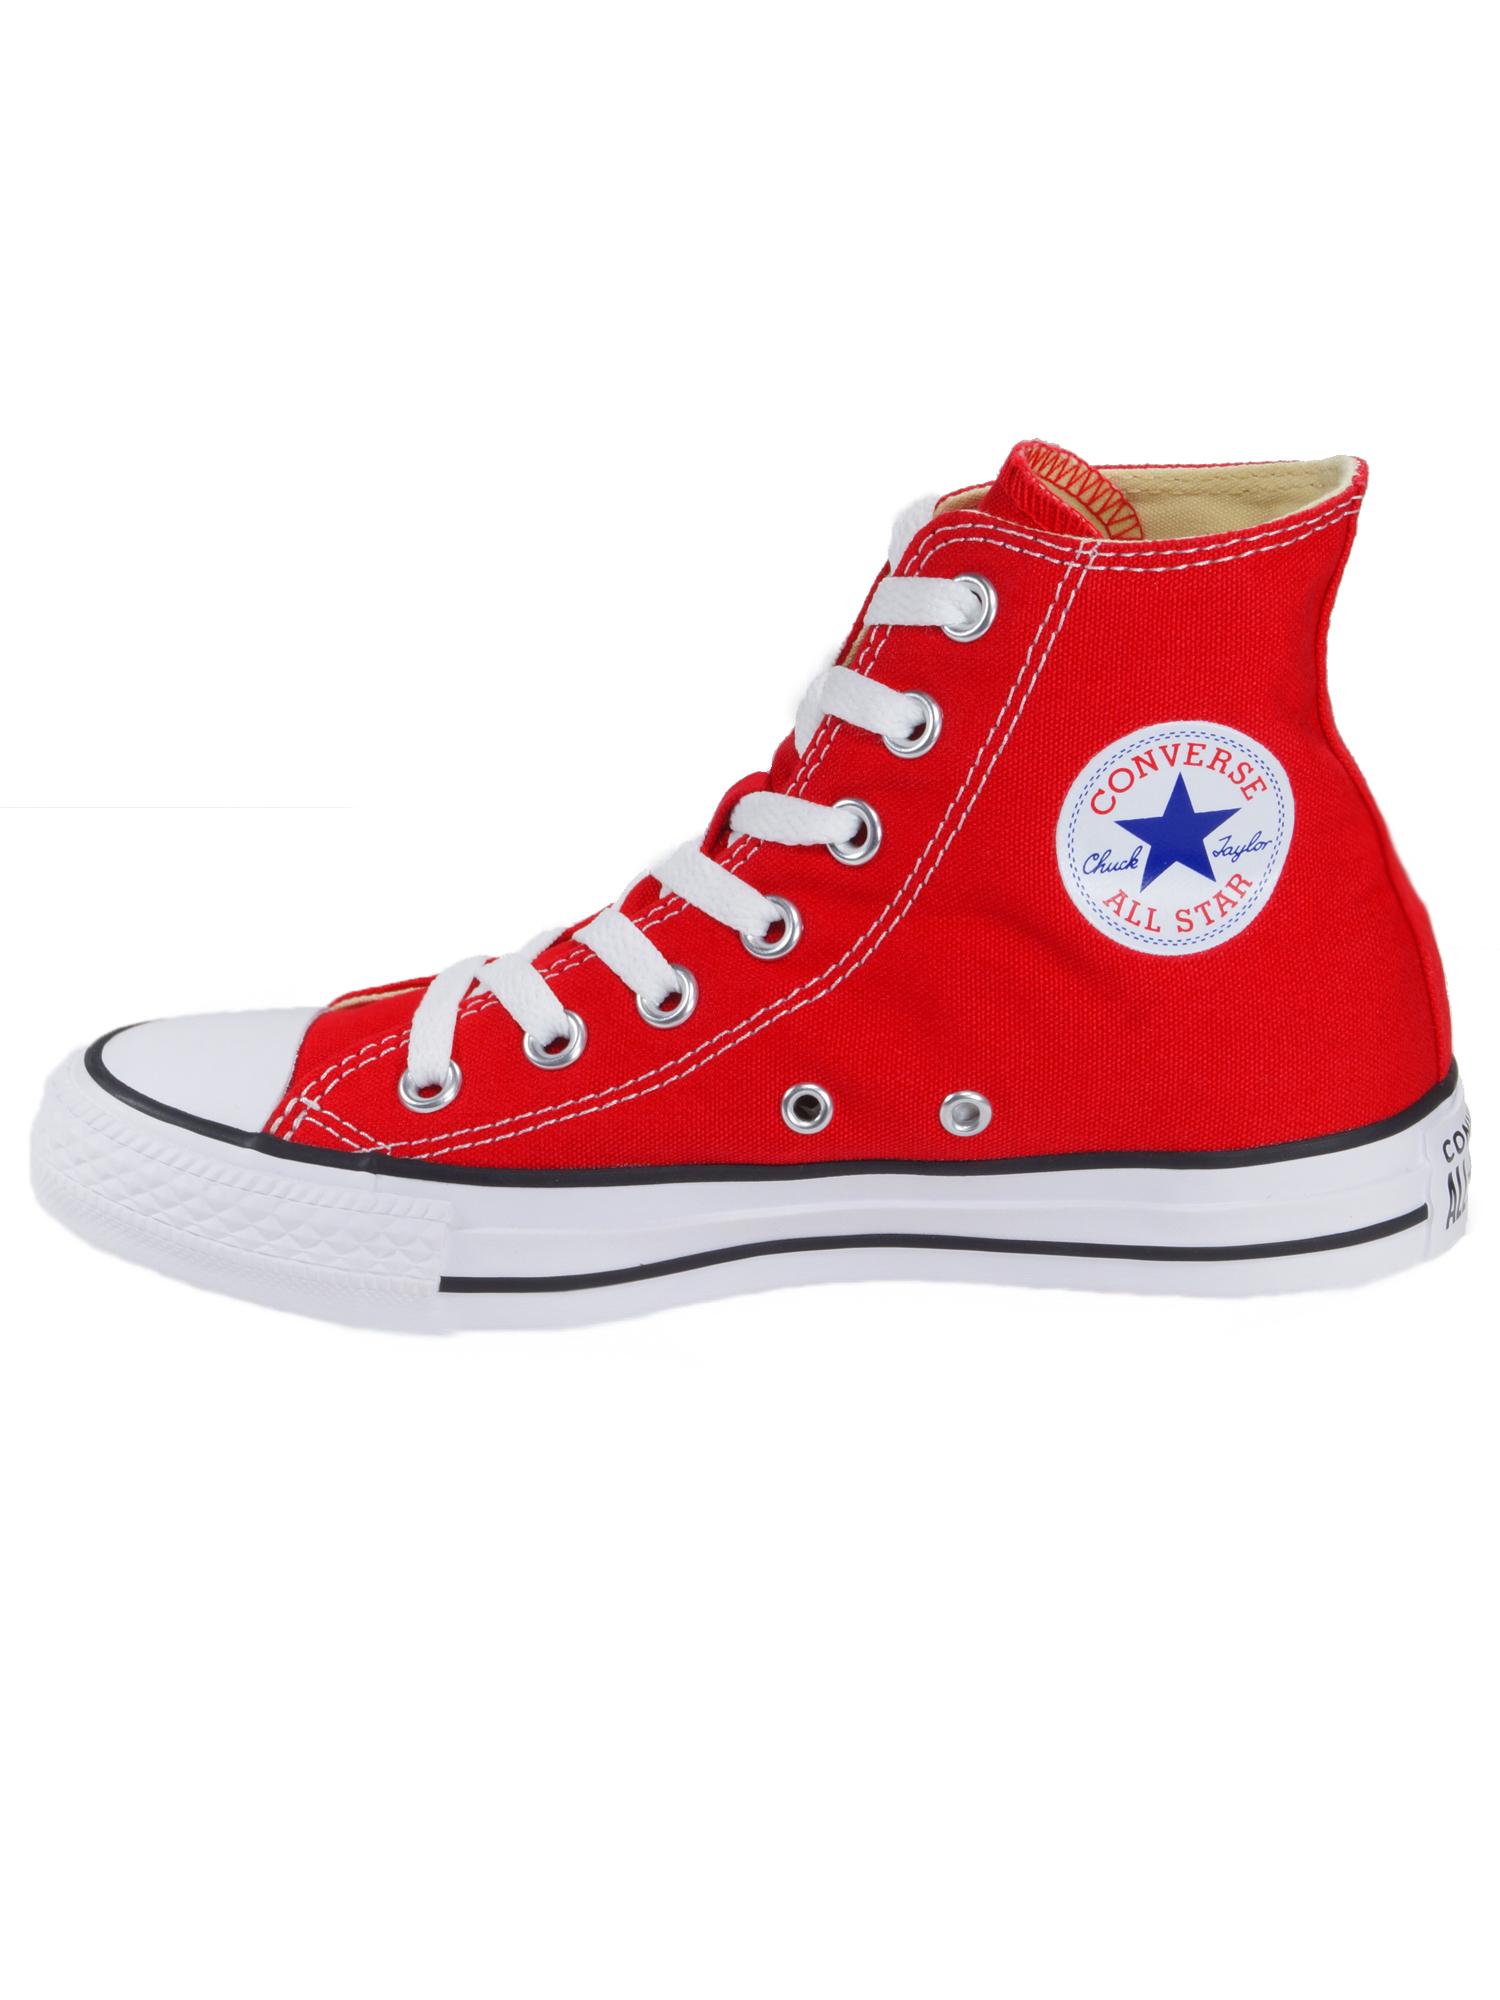 Converse Damen Schuhe CT All Star Hi Rot Leinen Sneakers Gr. 39 - yatego.com